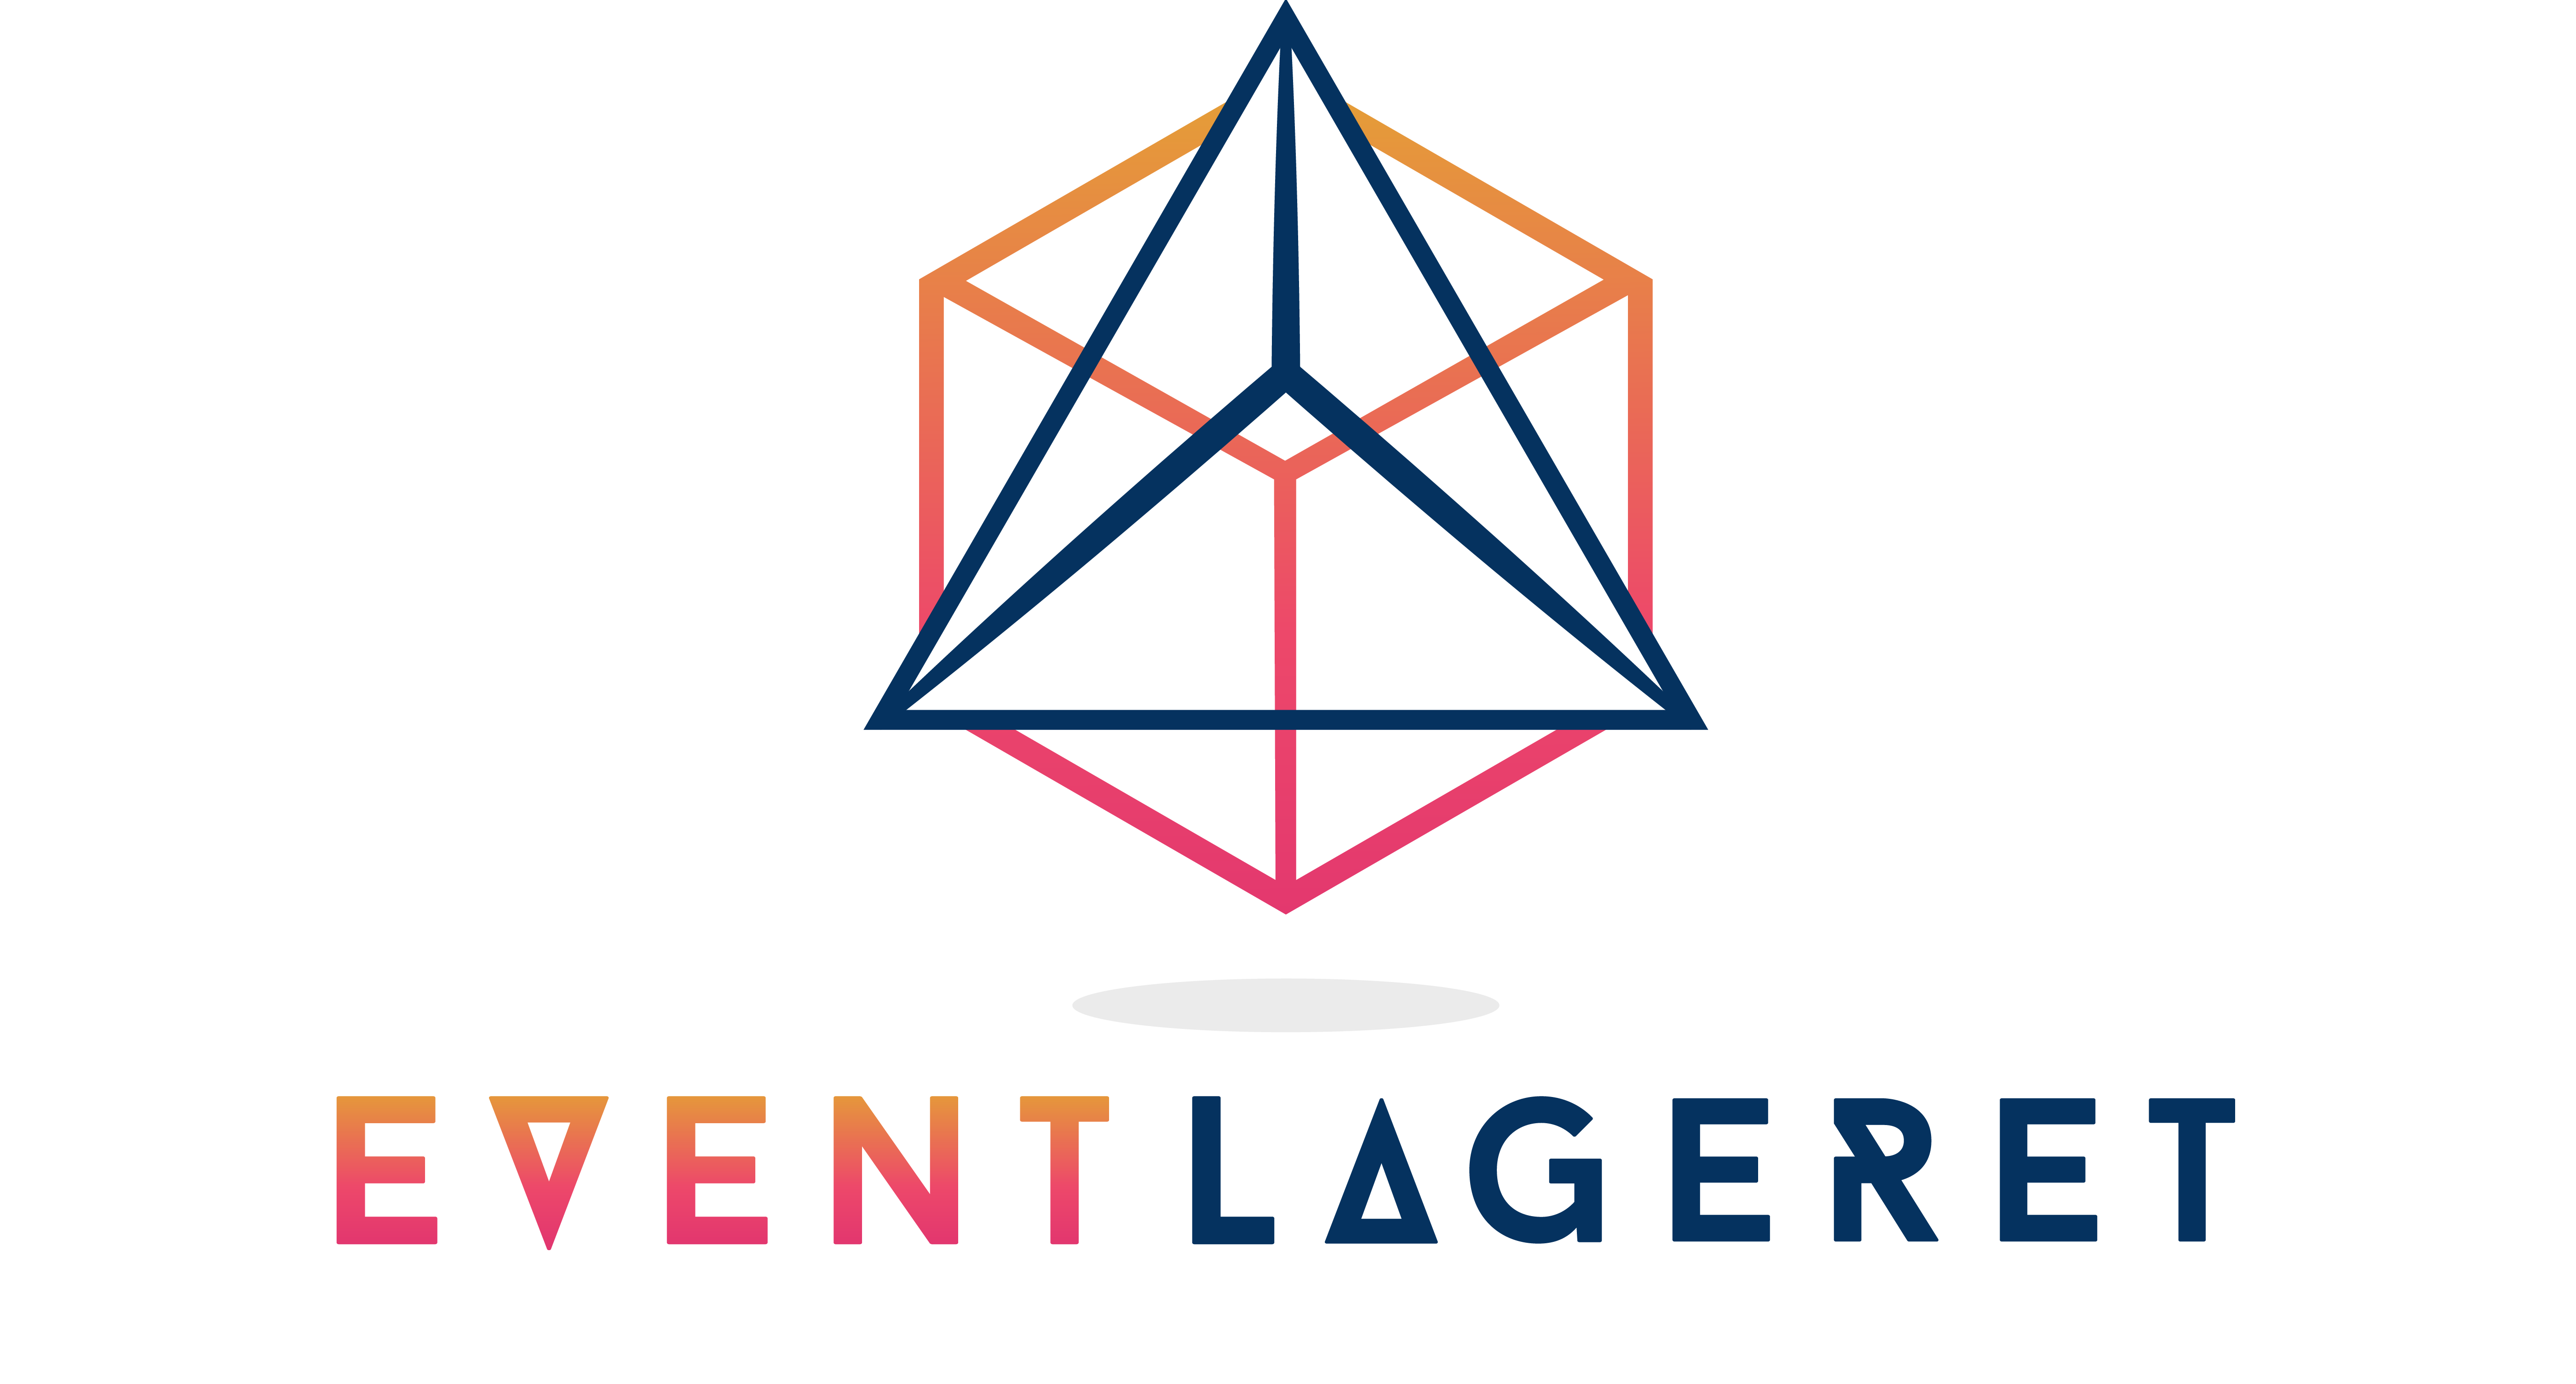 EVENTLAGERET-LOGO-M-TEKST